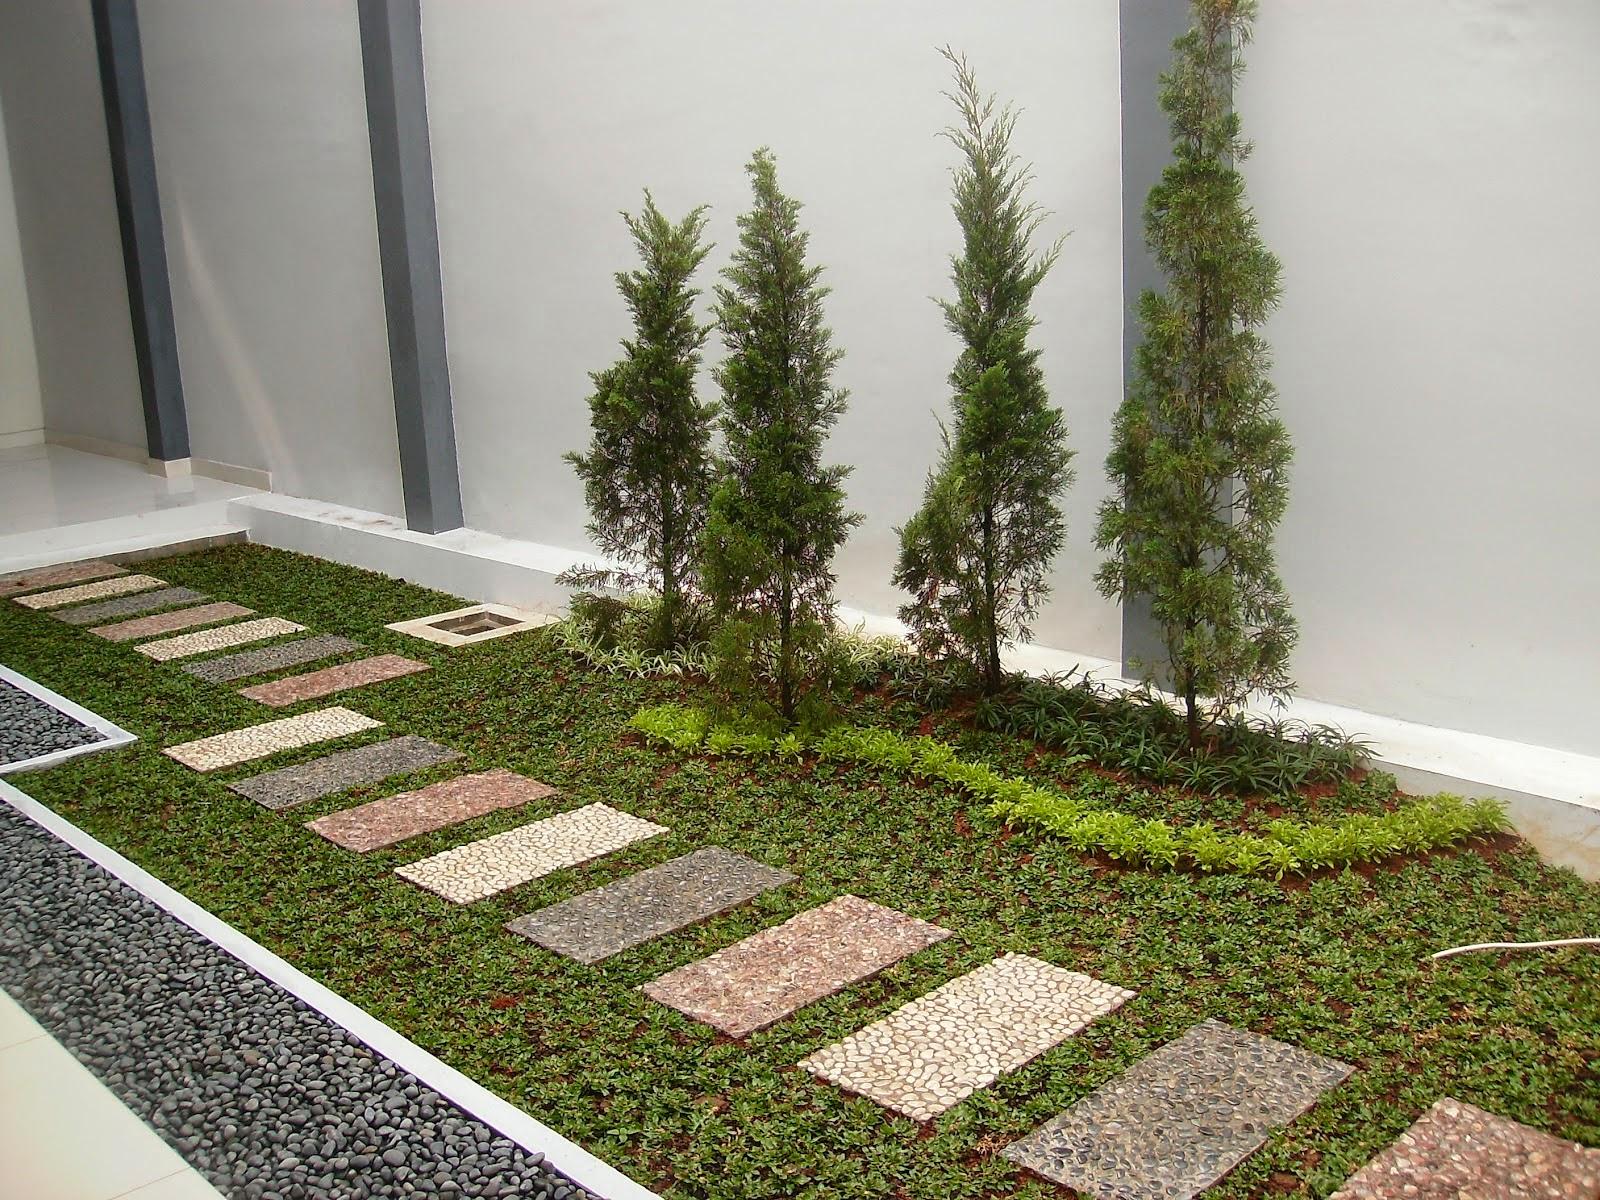 Tukang Taman Murah | Suplier Tanaman Hias | Renovasi taman | Kolam Minimalis | Jasa Potong Rumput